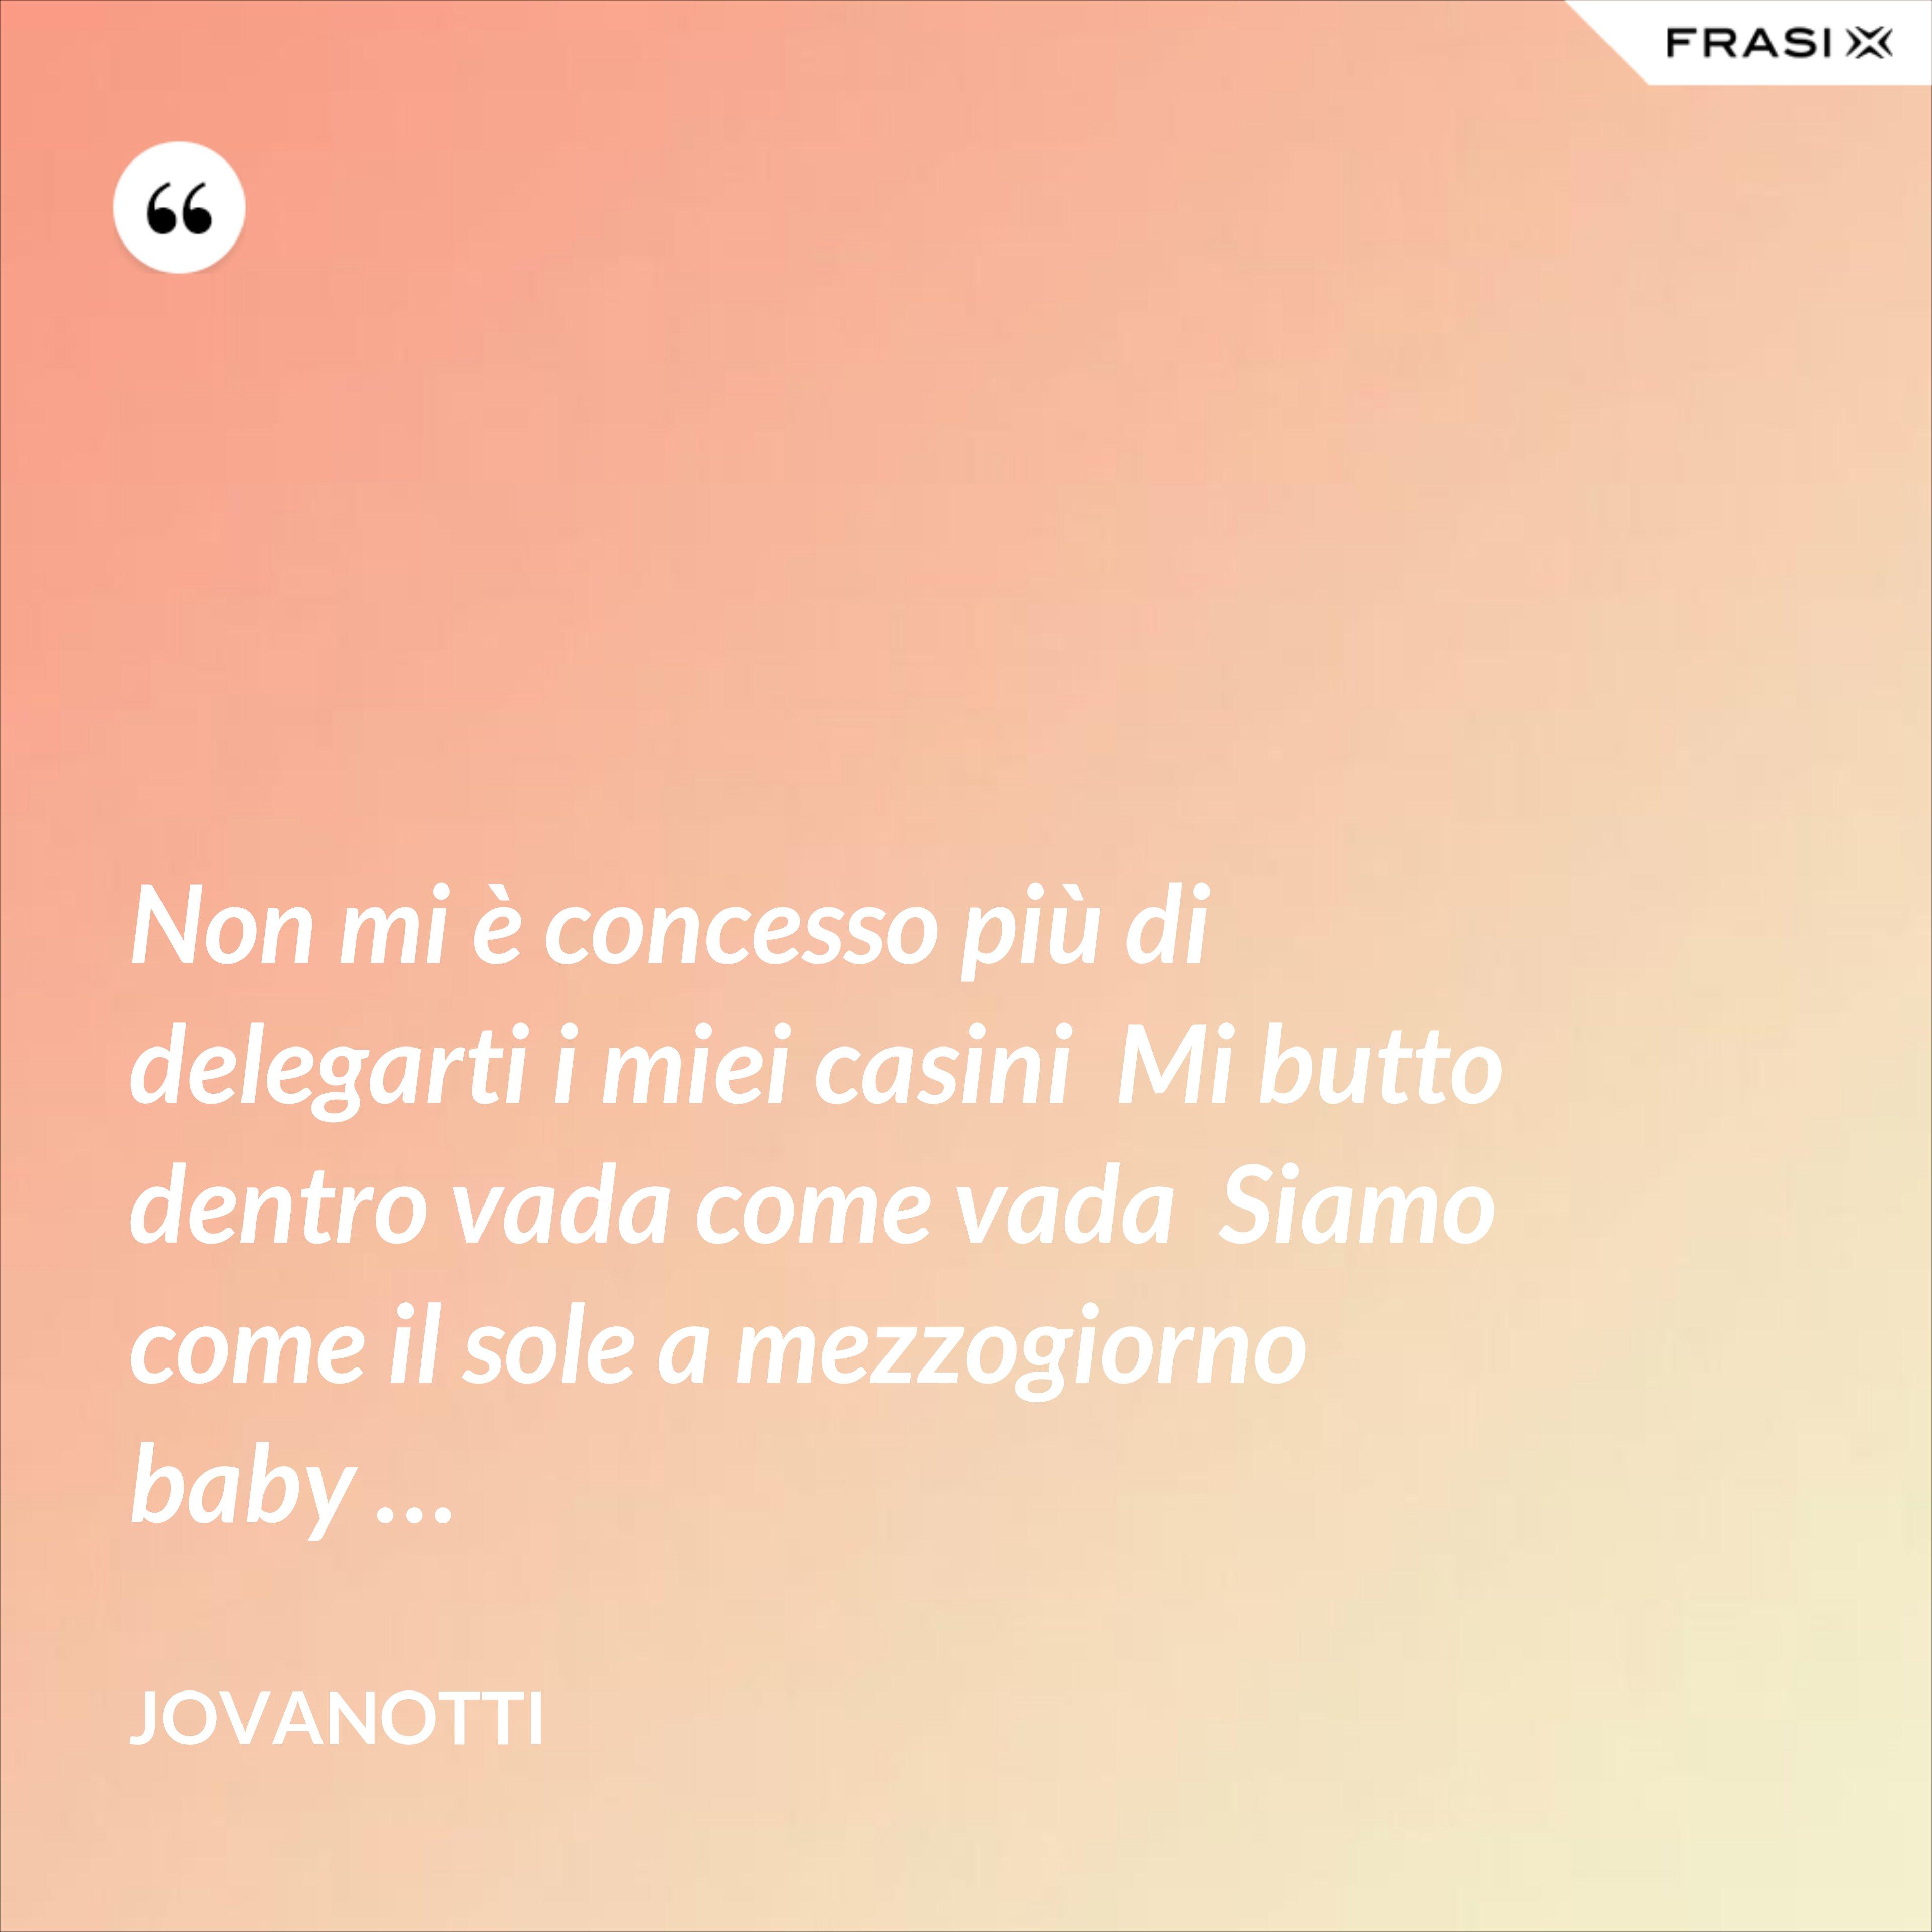 Non mi è concesso più di delegarti i miei casini  Mi butto dentro vada come vada  Siamo come il sole a mezzogiorno baby … - Jovanotti